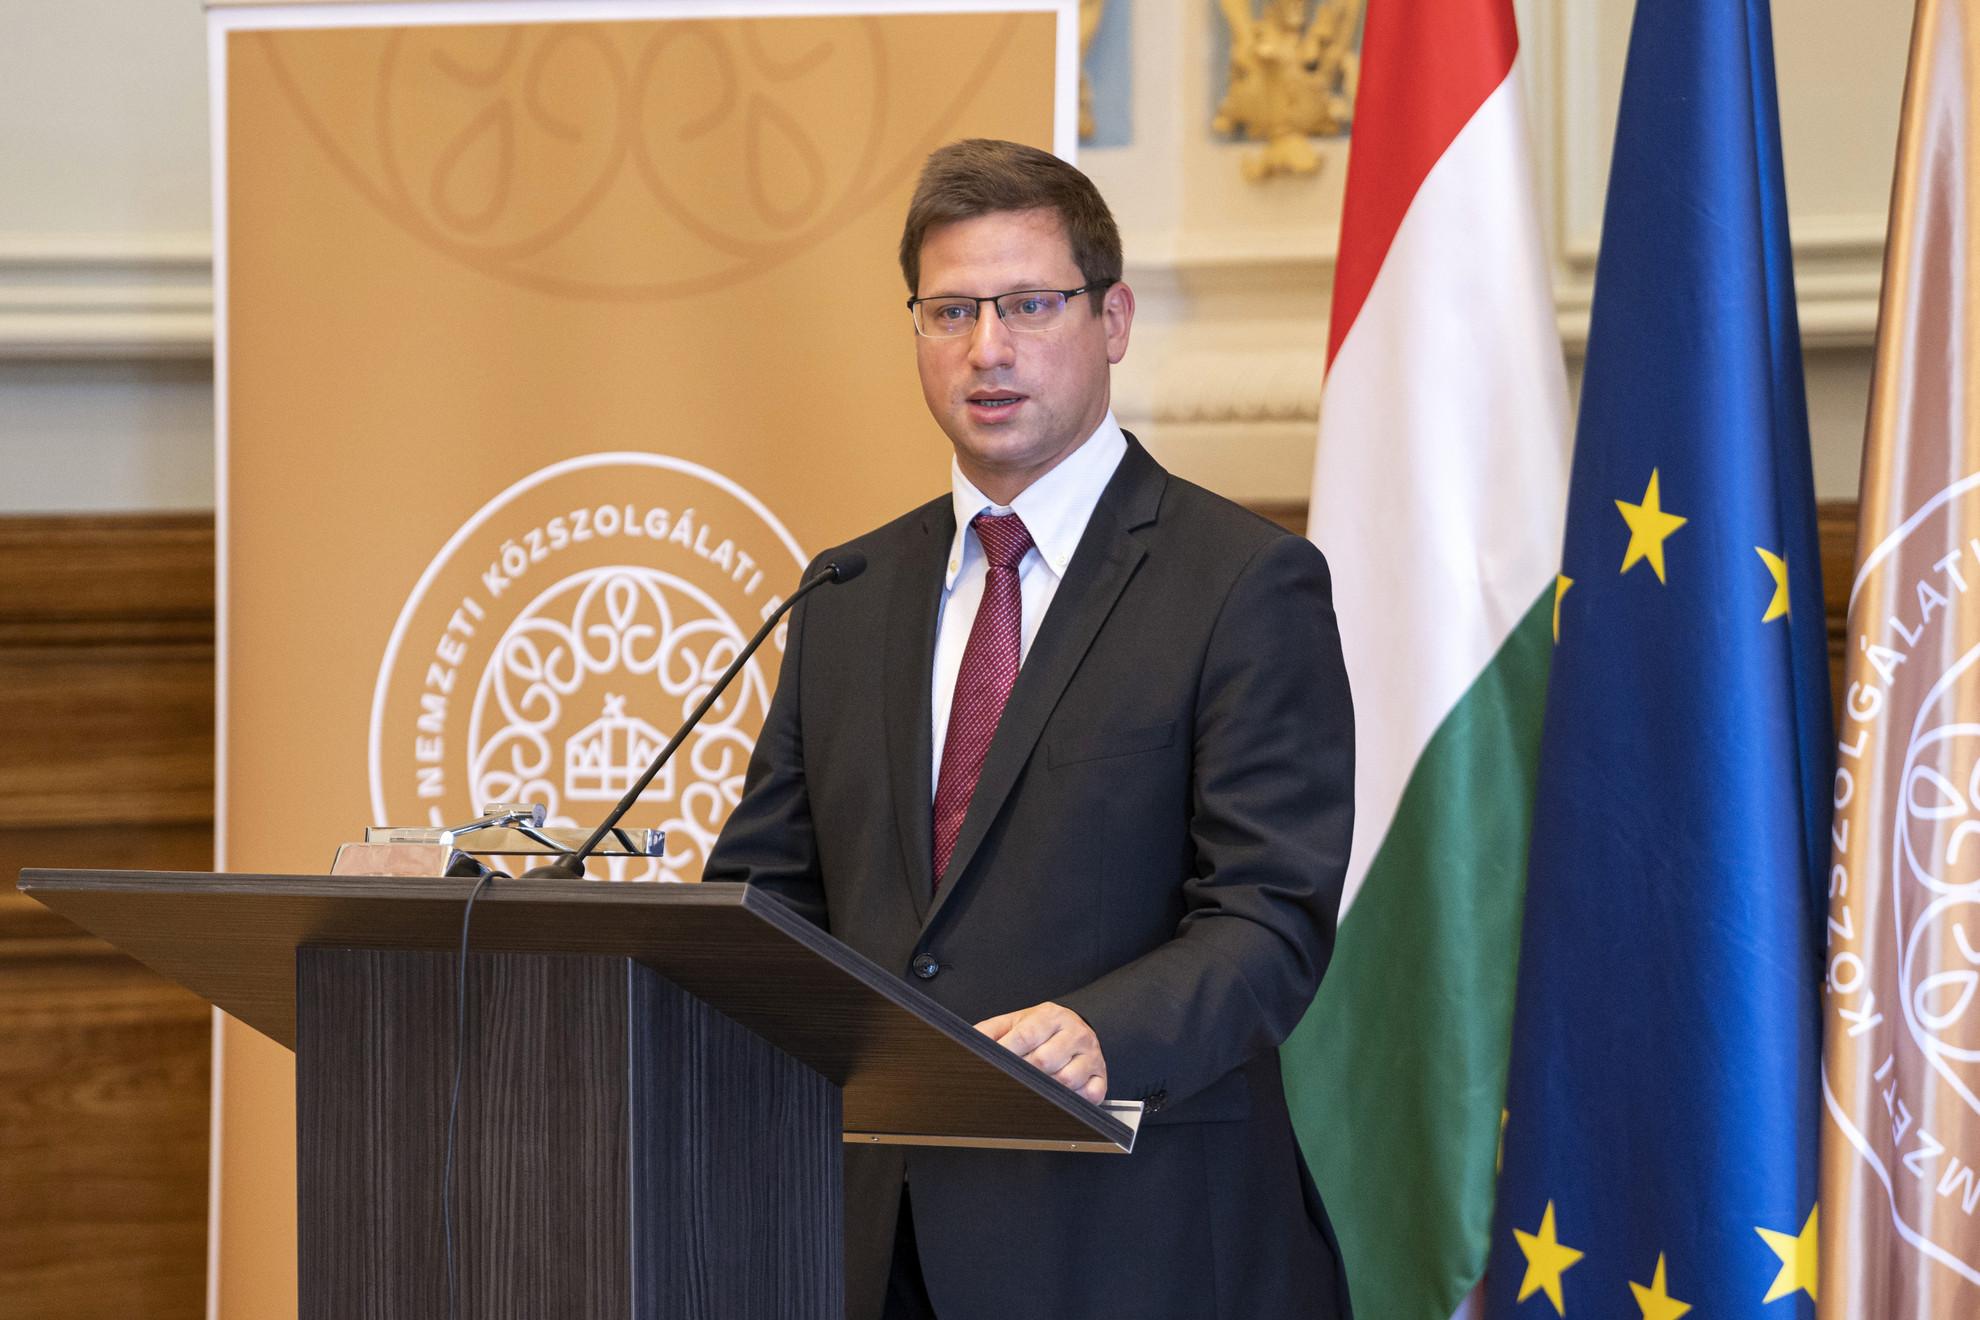 Gulyás Gergely Miniszterelnökséget vezető miniszter beszédet mond a Nemzeti Közszolgálati Egyetem és az Igazságügyi Minisztérium közös, Nemzetek Európája elnevezésű karrierprogramjának nyitóünnepségén a Nemzeti Közszolgálati Egyetem Széchenyi dísztermében